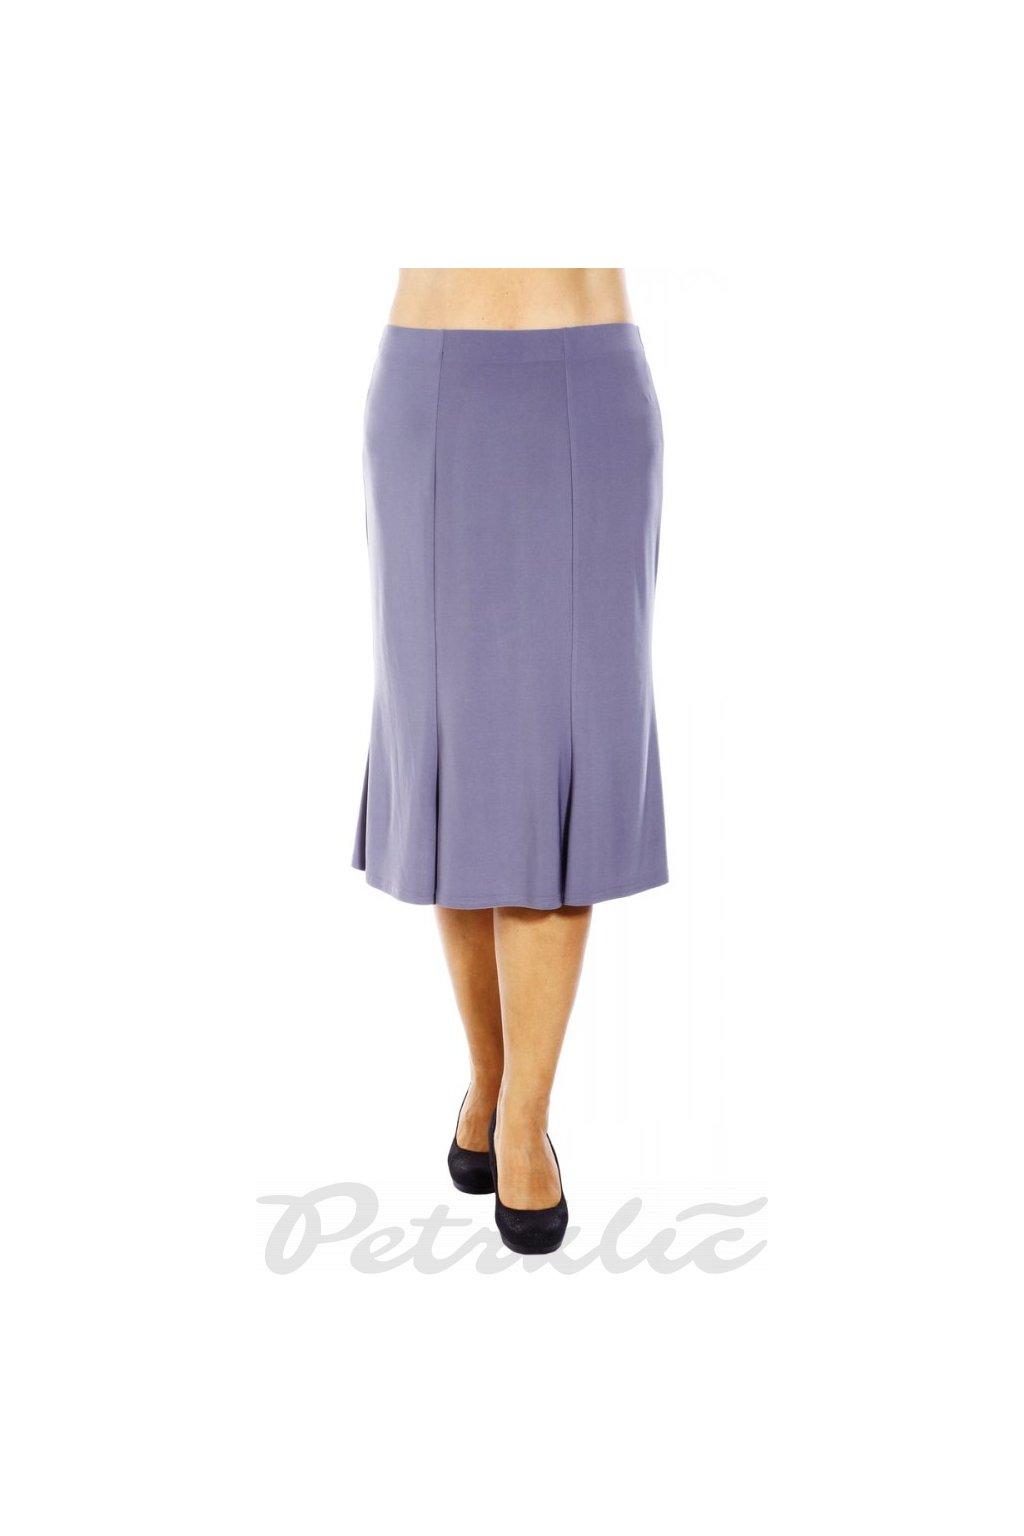 ROZA - šestidílová sukně 83 cm